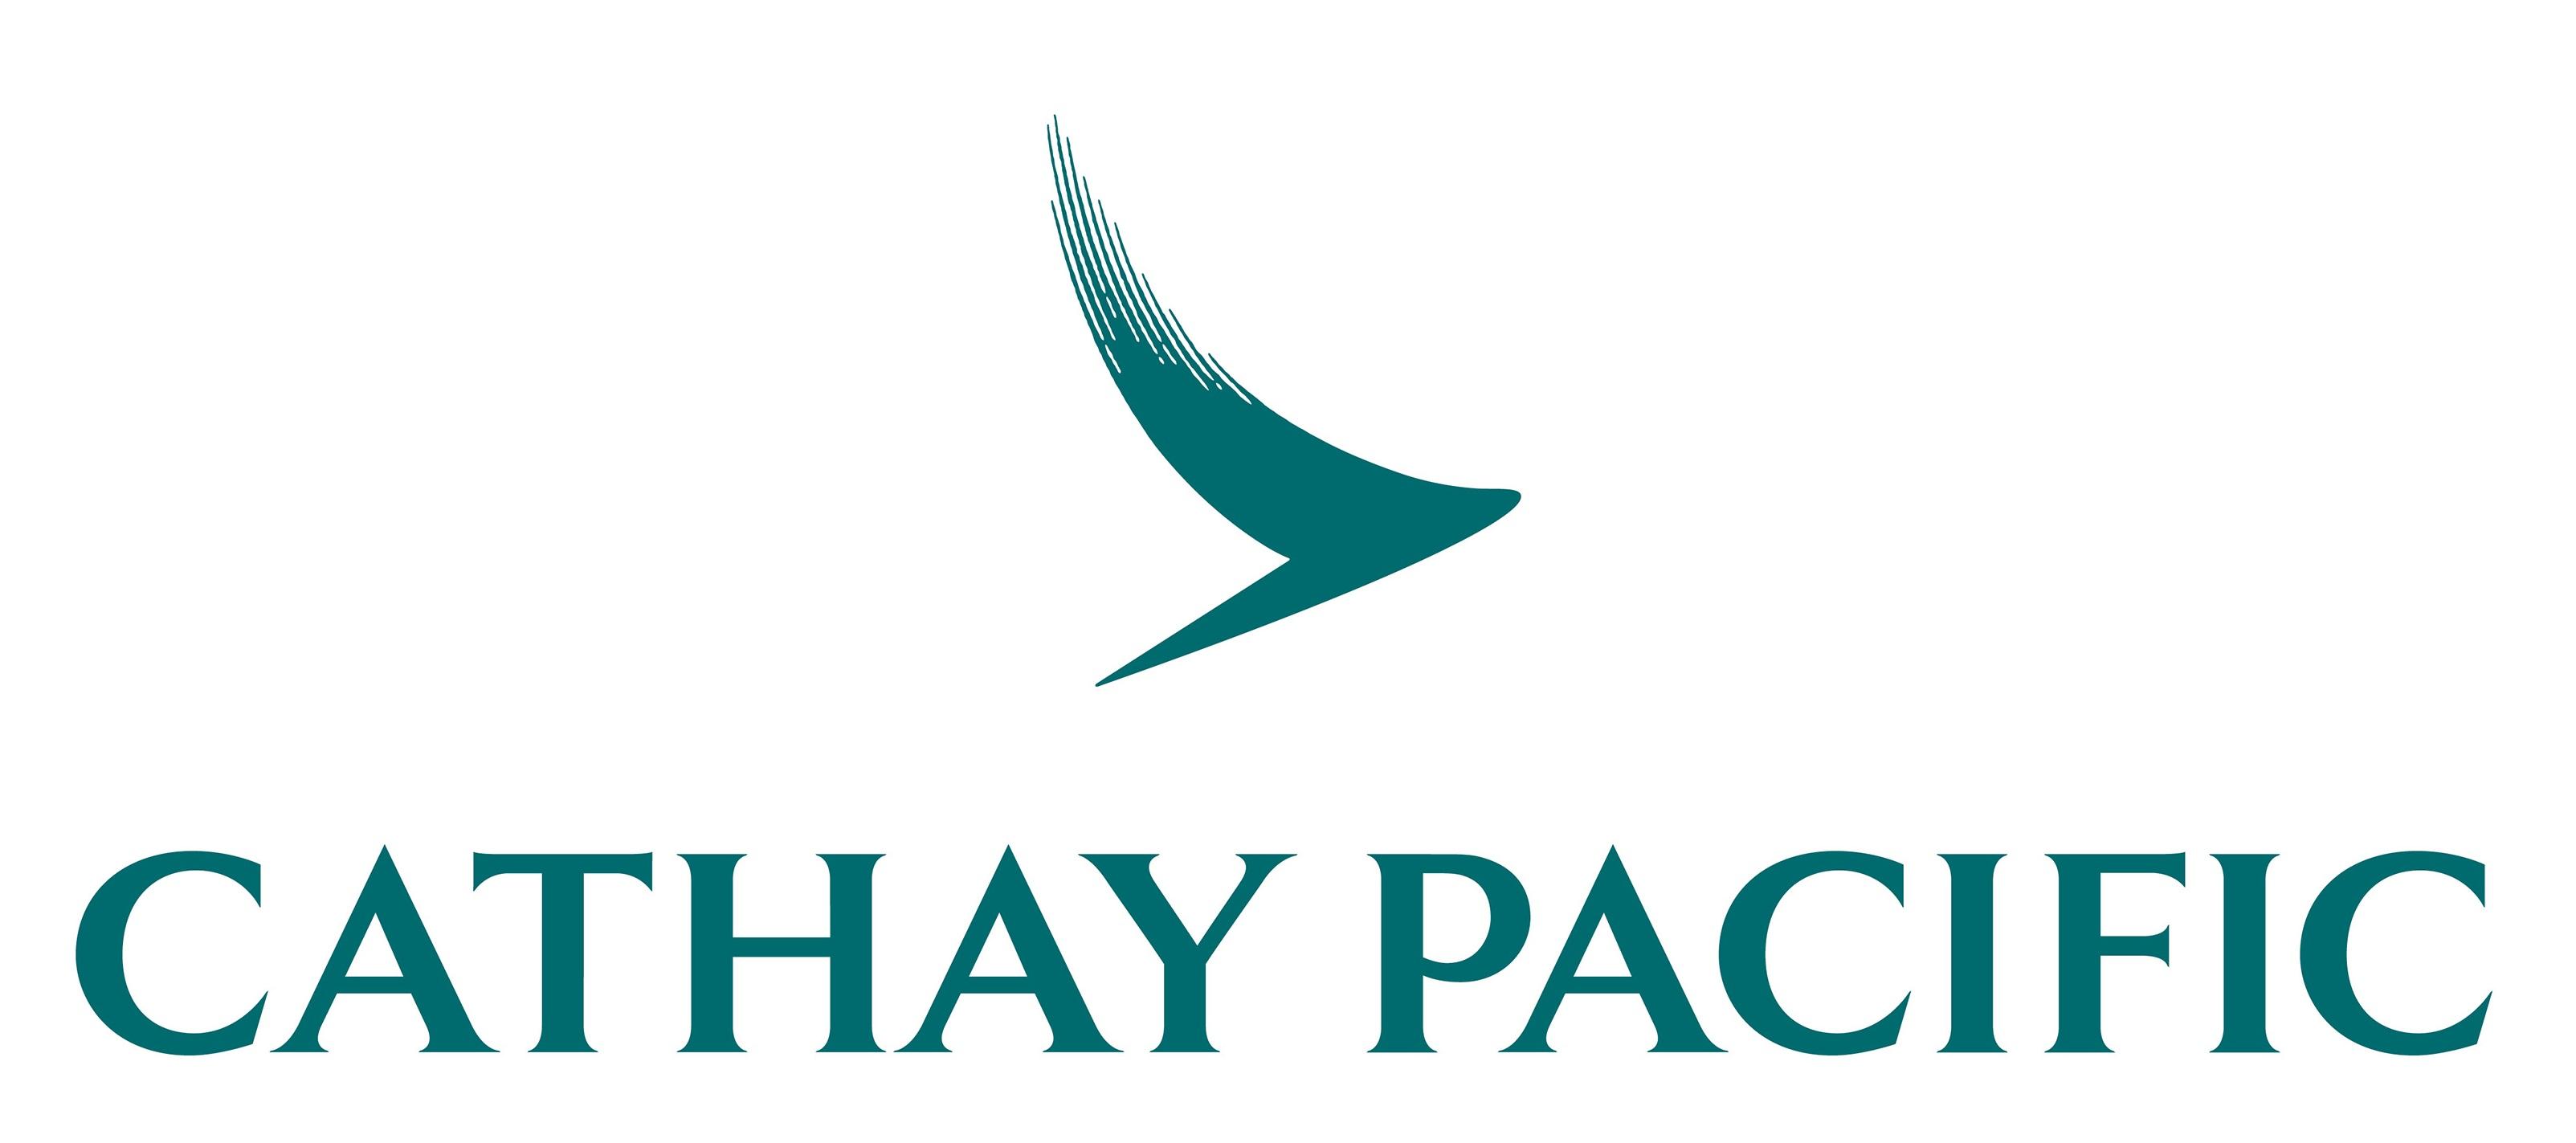 Cathay Pacific   Shangri La Hotel Bangkok 3 Days - Dragonair, Transparent background PNG HD thumbnail